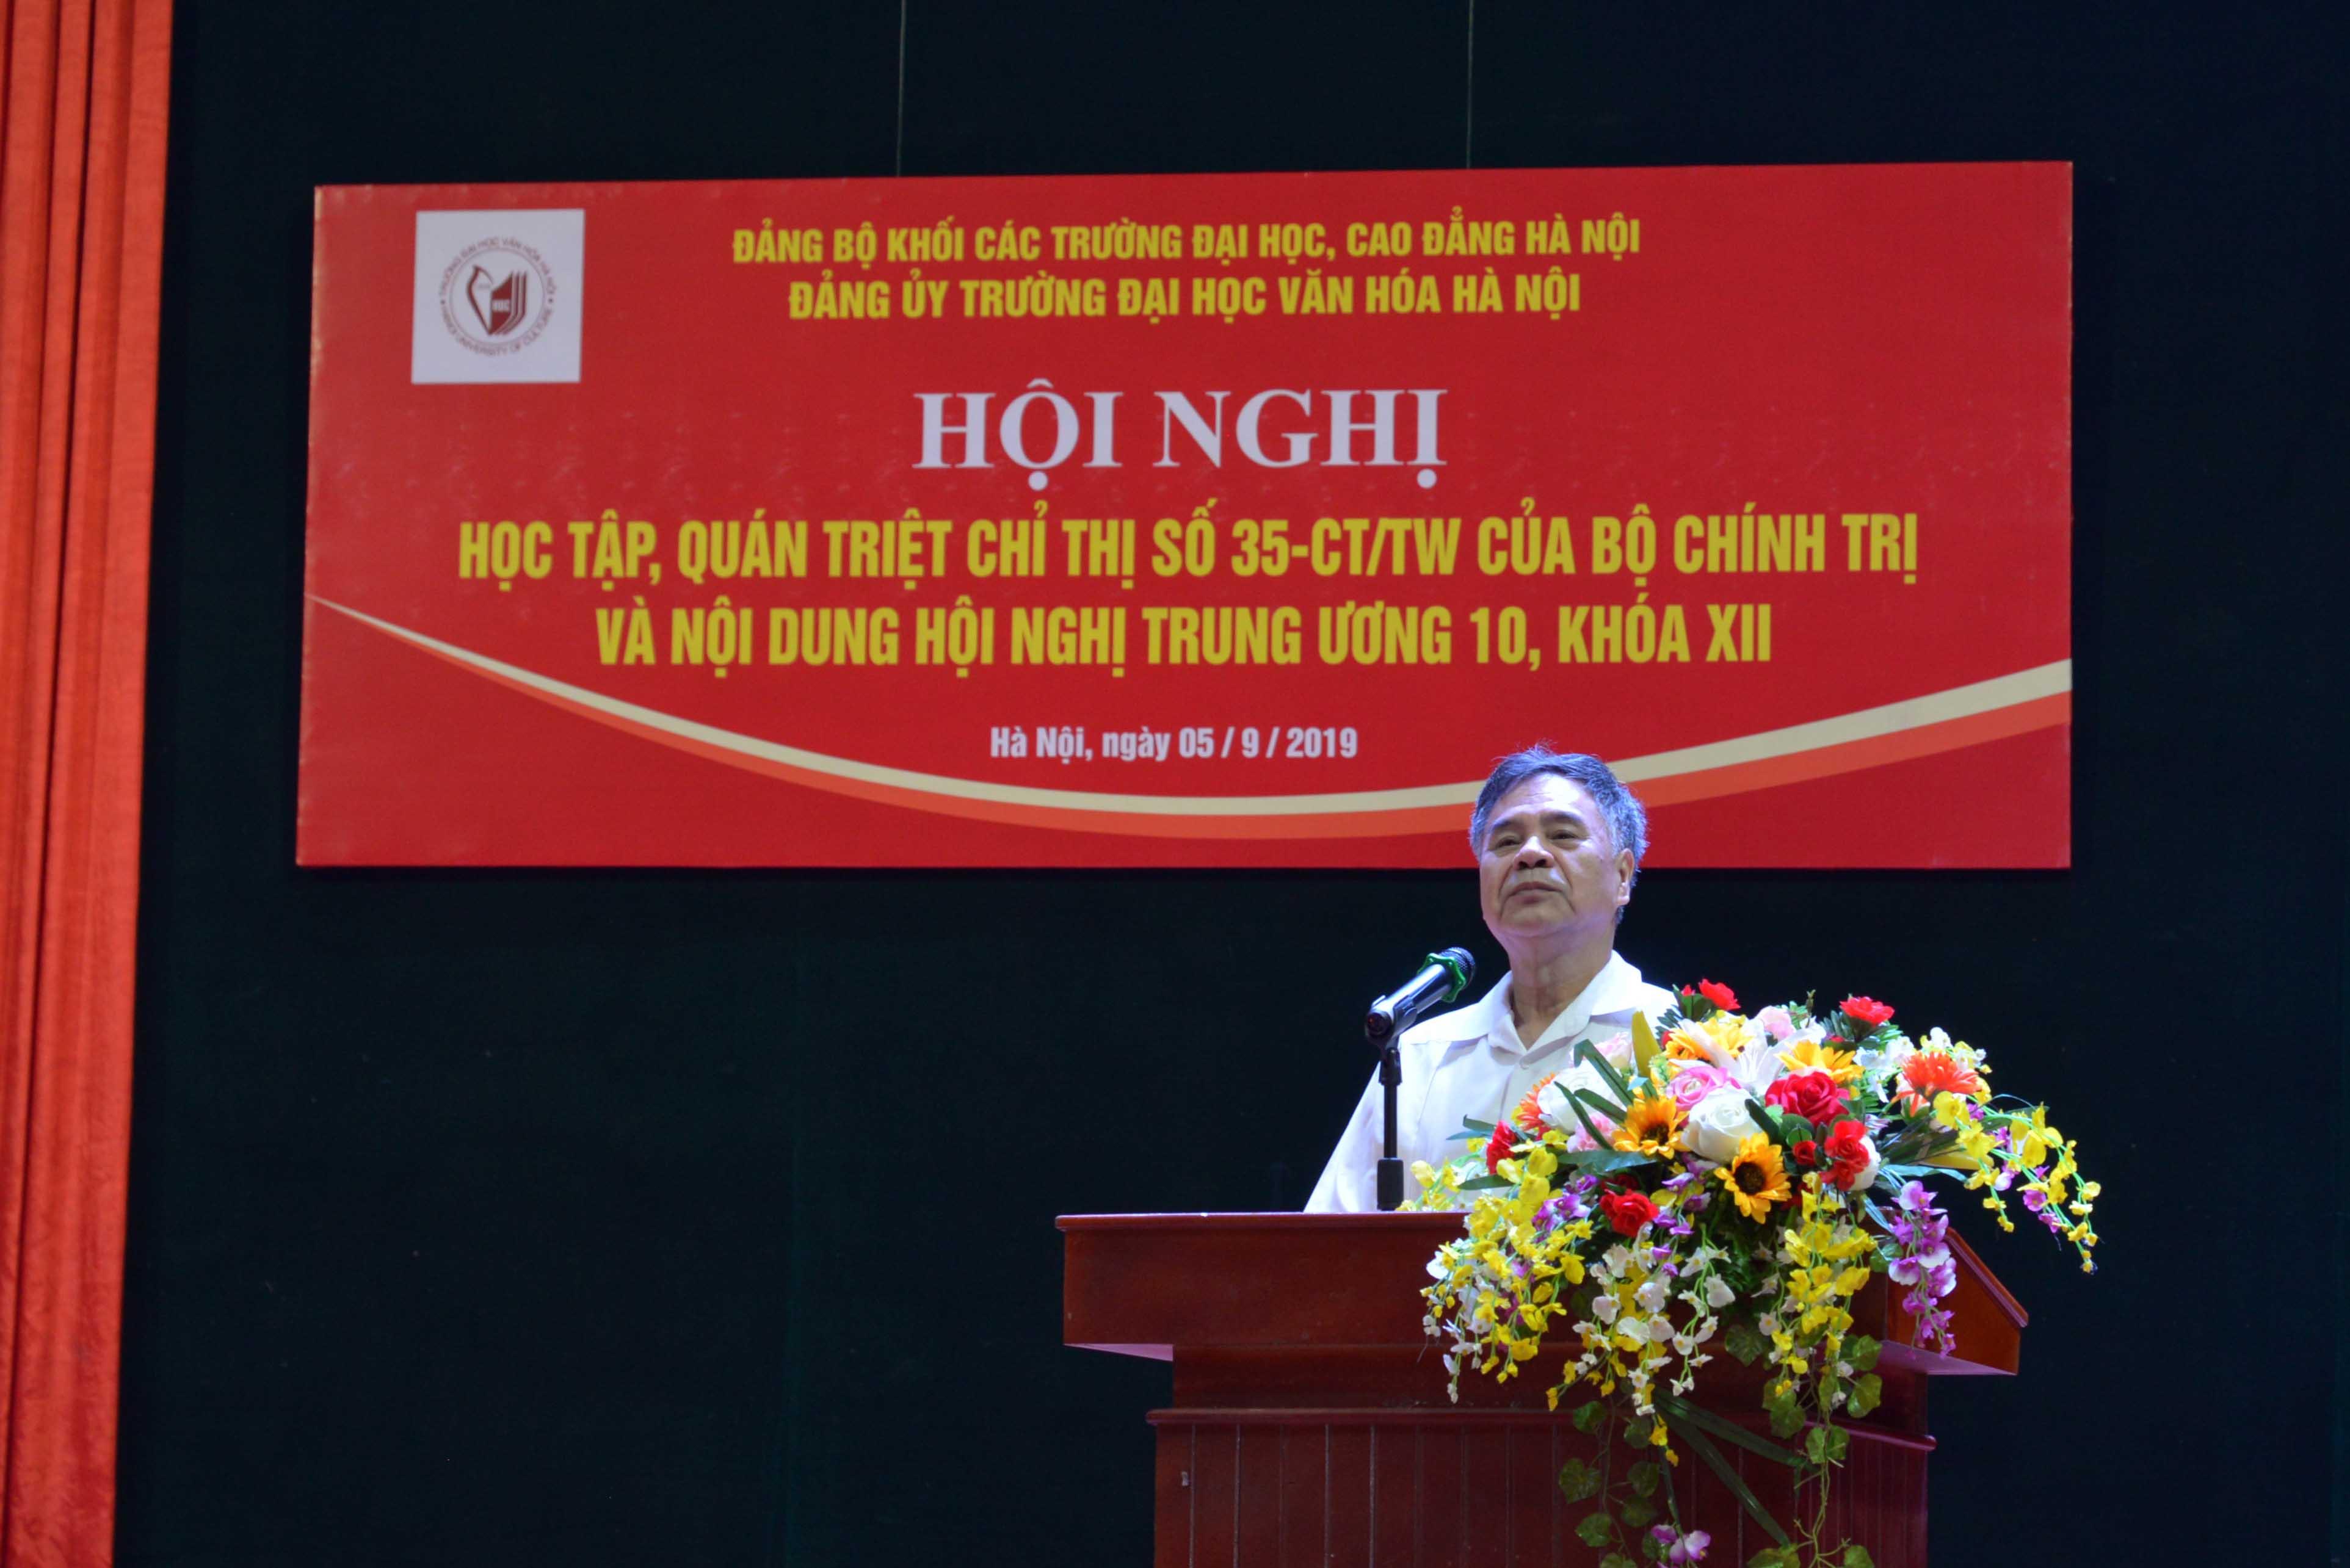 Trường Đại học Văn hóa Hà Nội tổ chức học tập, quán triệt Chỉ thị 35 của Bộ Chính trị và các nội dung Hội nghị Trung ương 10 (khóa XII)